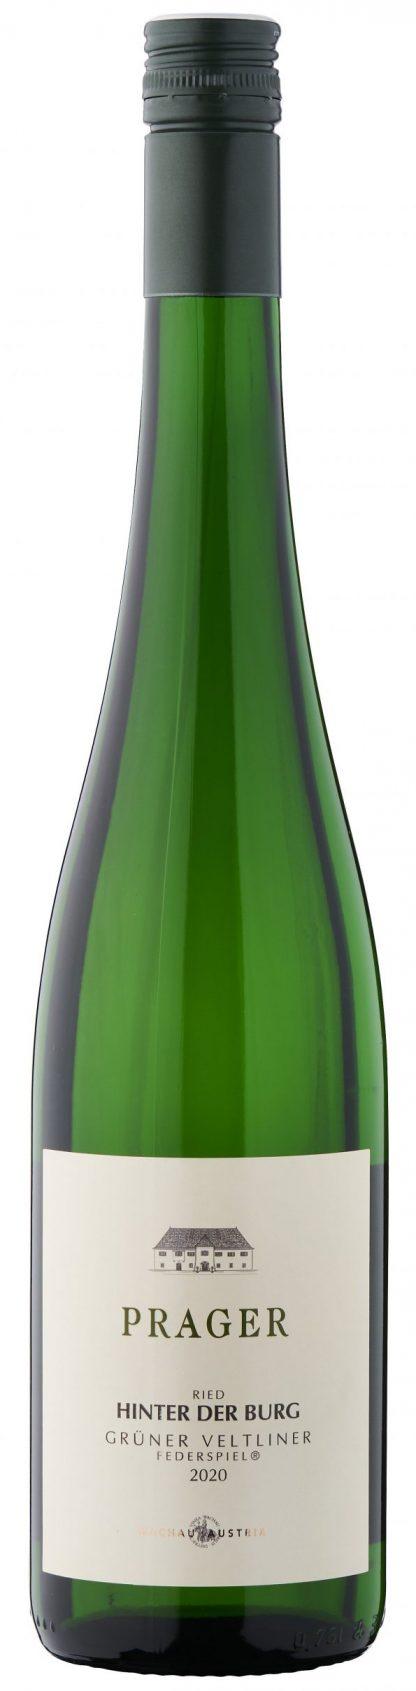 Prager - Grüner Veltliner Federspiel Ried Hinter der Burg 2020